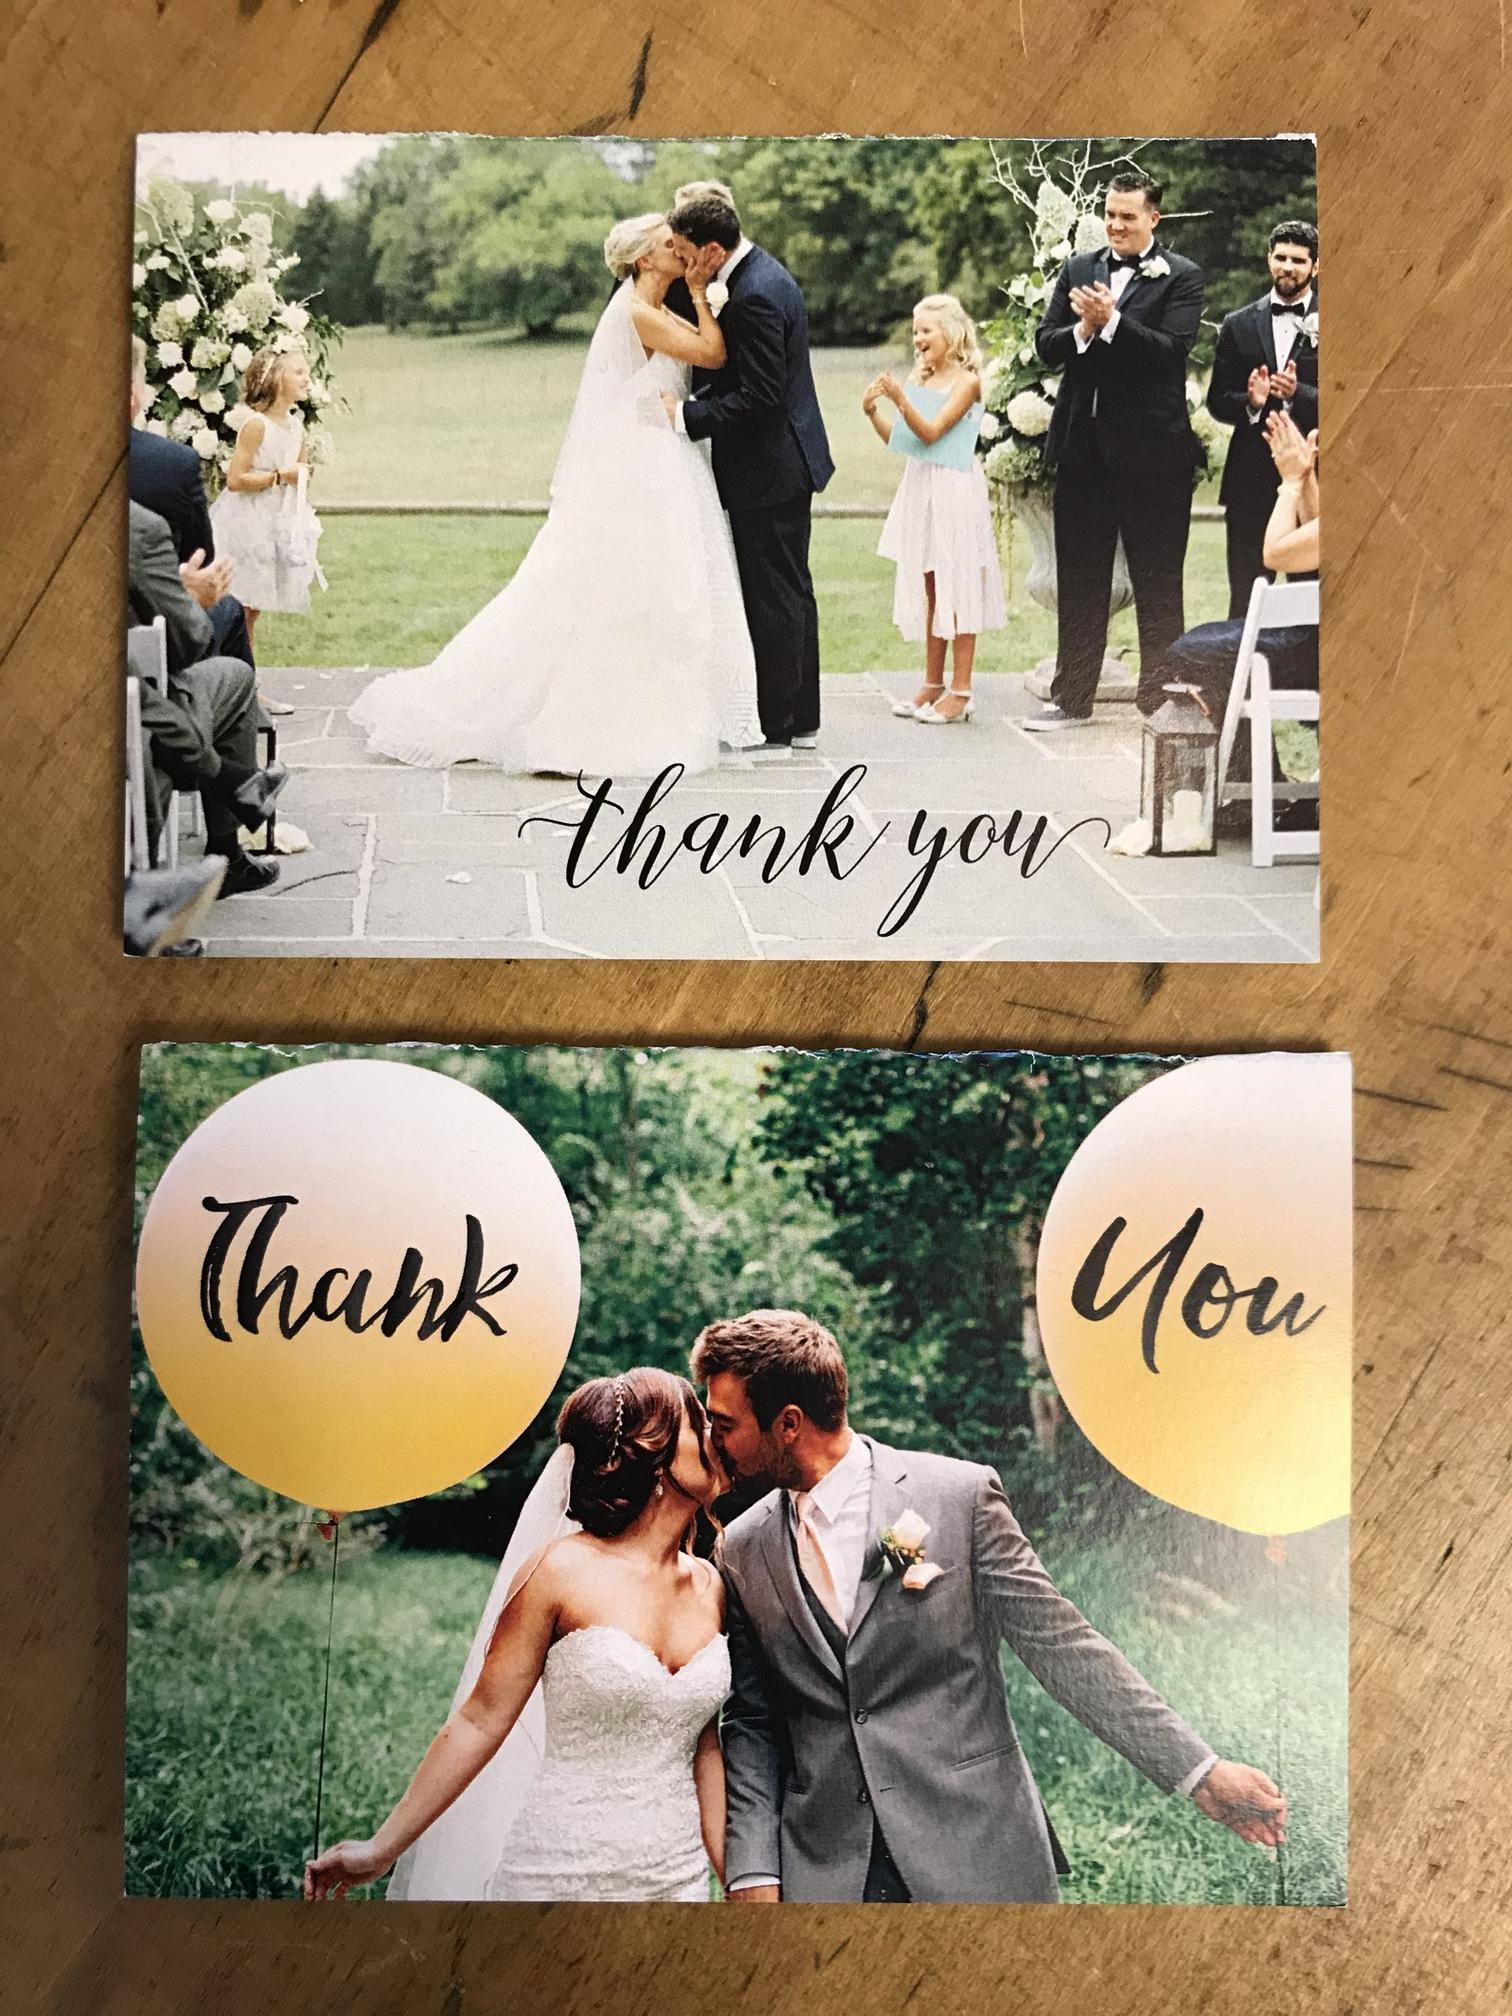 wedding photo thank you notes